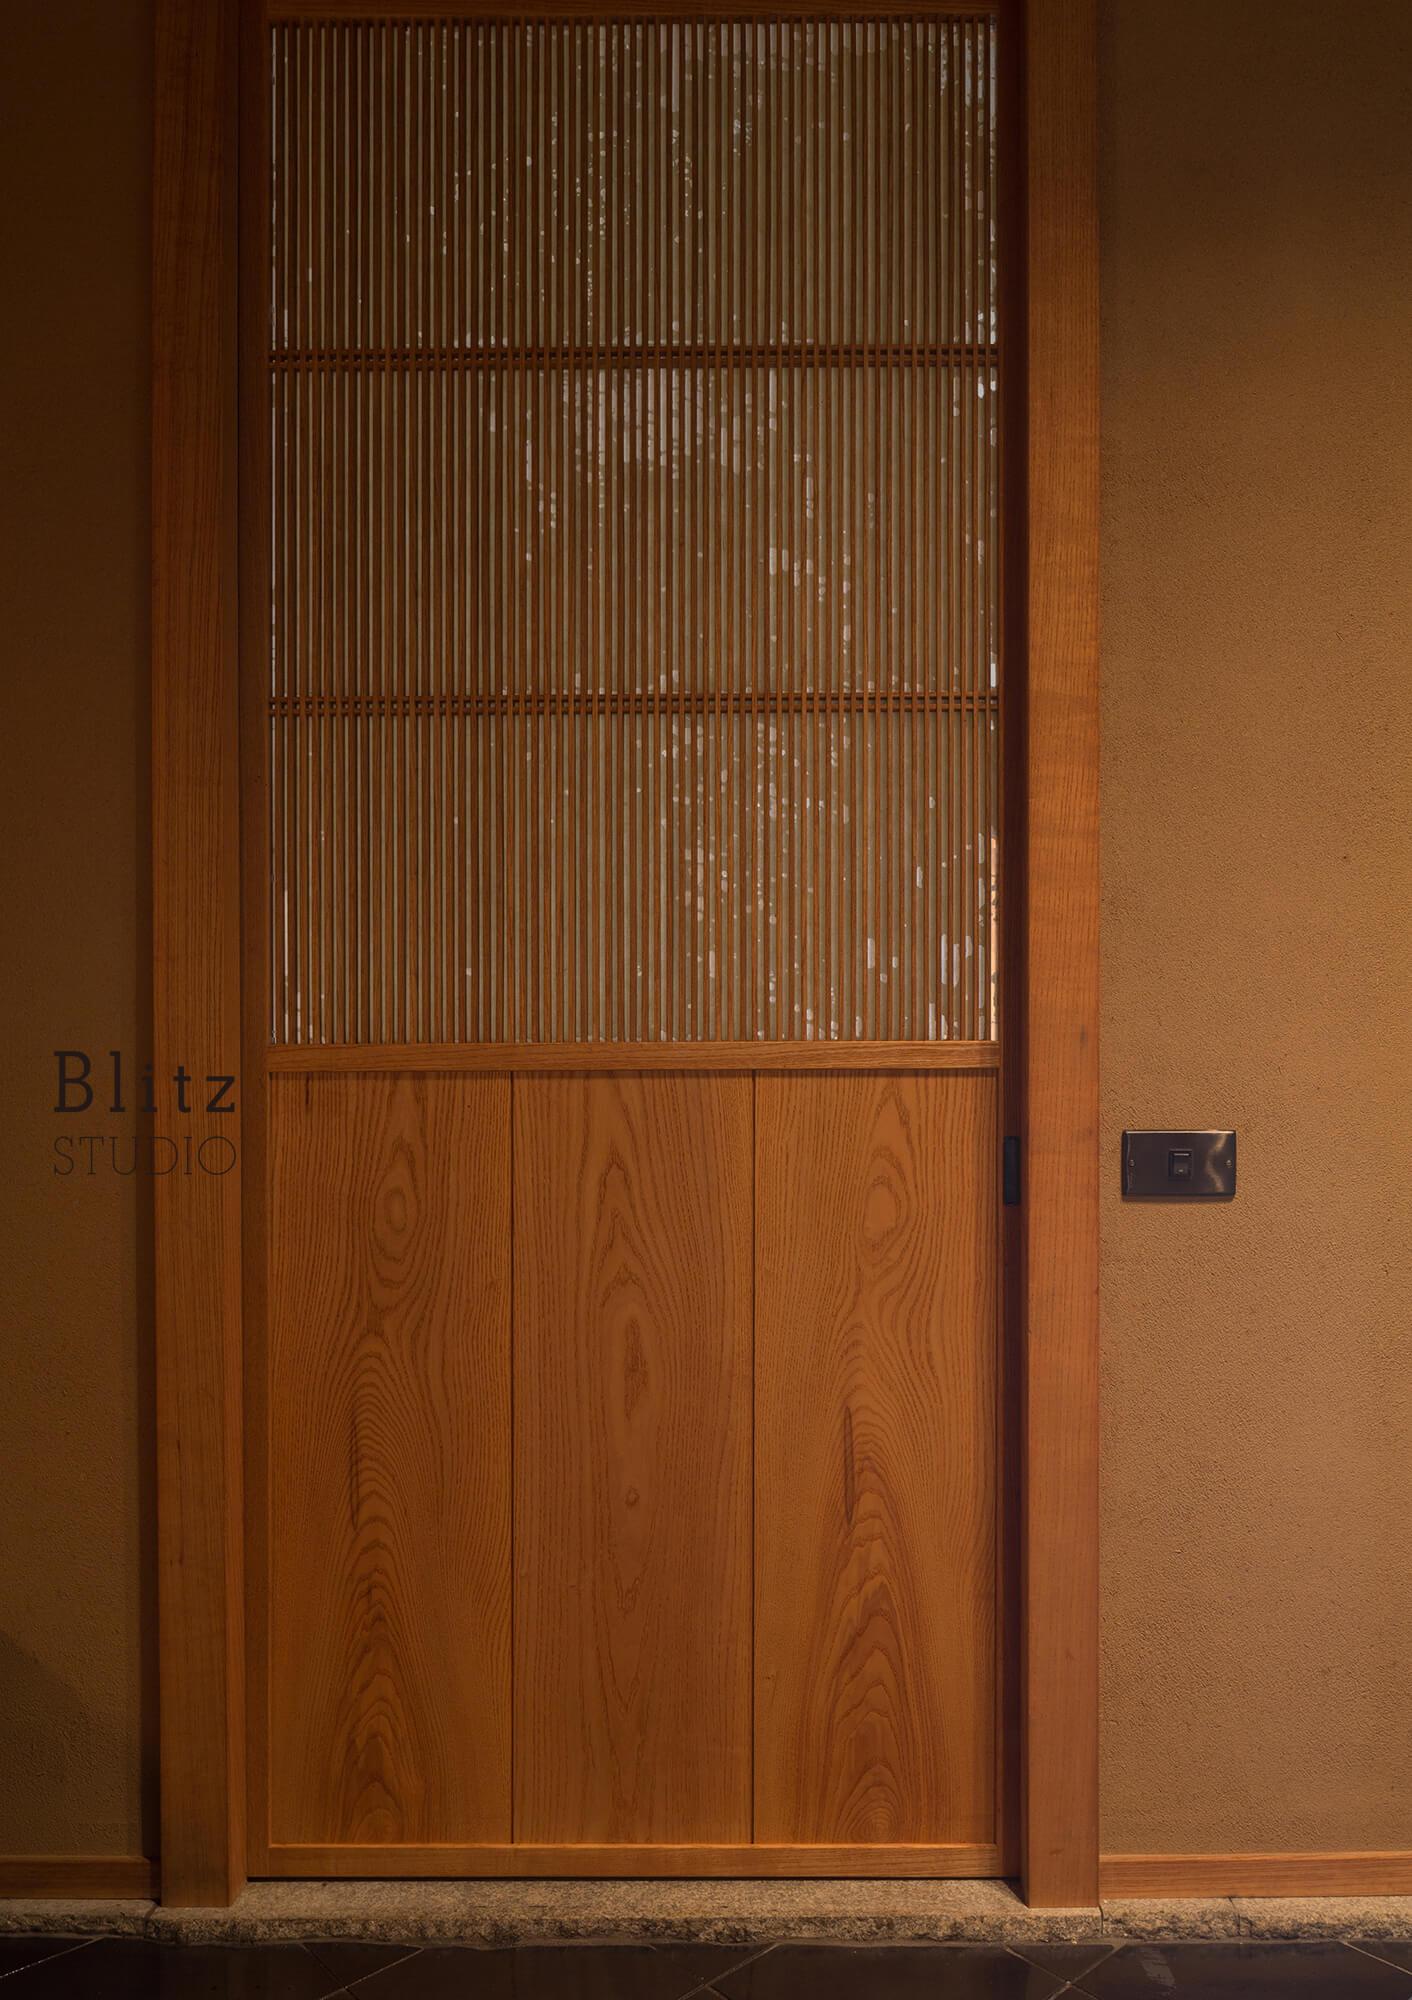 『宗像名残荘』建築写真・竣工写真・インテリア写真46